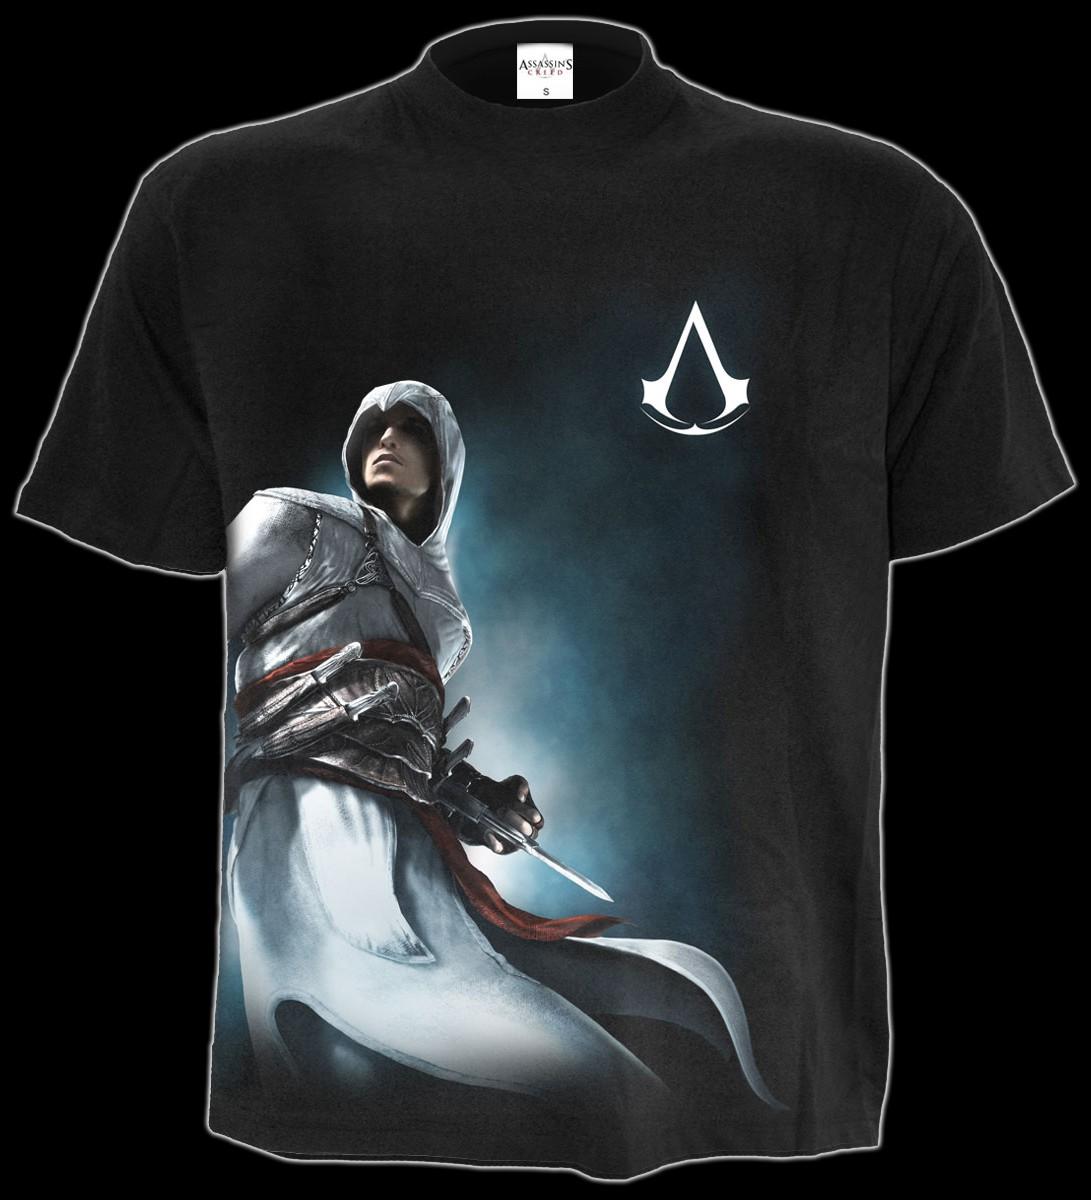 Assassins Creed T-Shirt - Altair